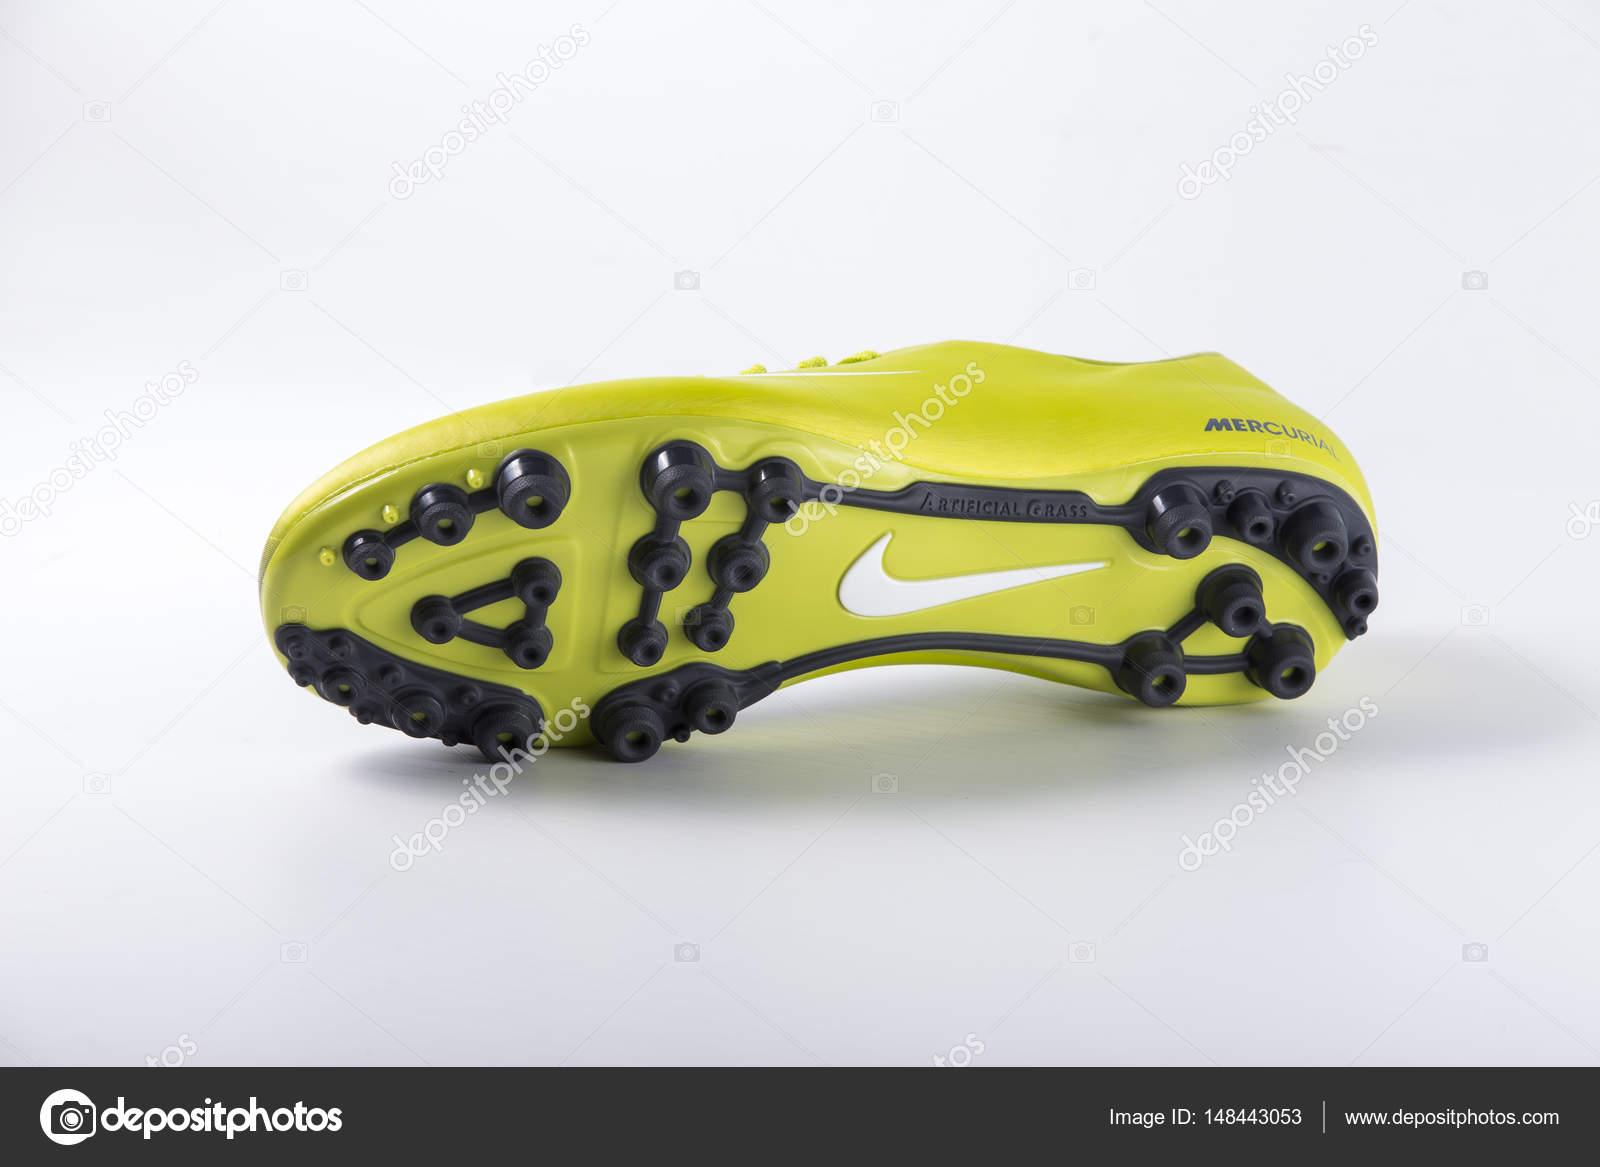 31 Bianco Colpi Isolato Multinazionale Nike 2017 — Nike Azienda Su Marzo Foto Prodotto Di Portogallo Afife Calcio Scarpe Da Georgevieirasilva 6Bw5Wq